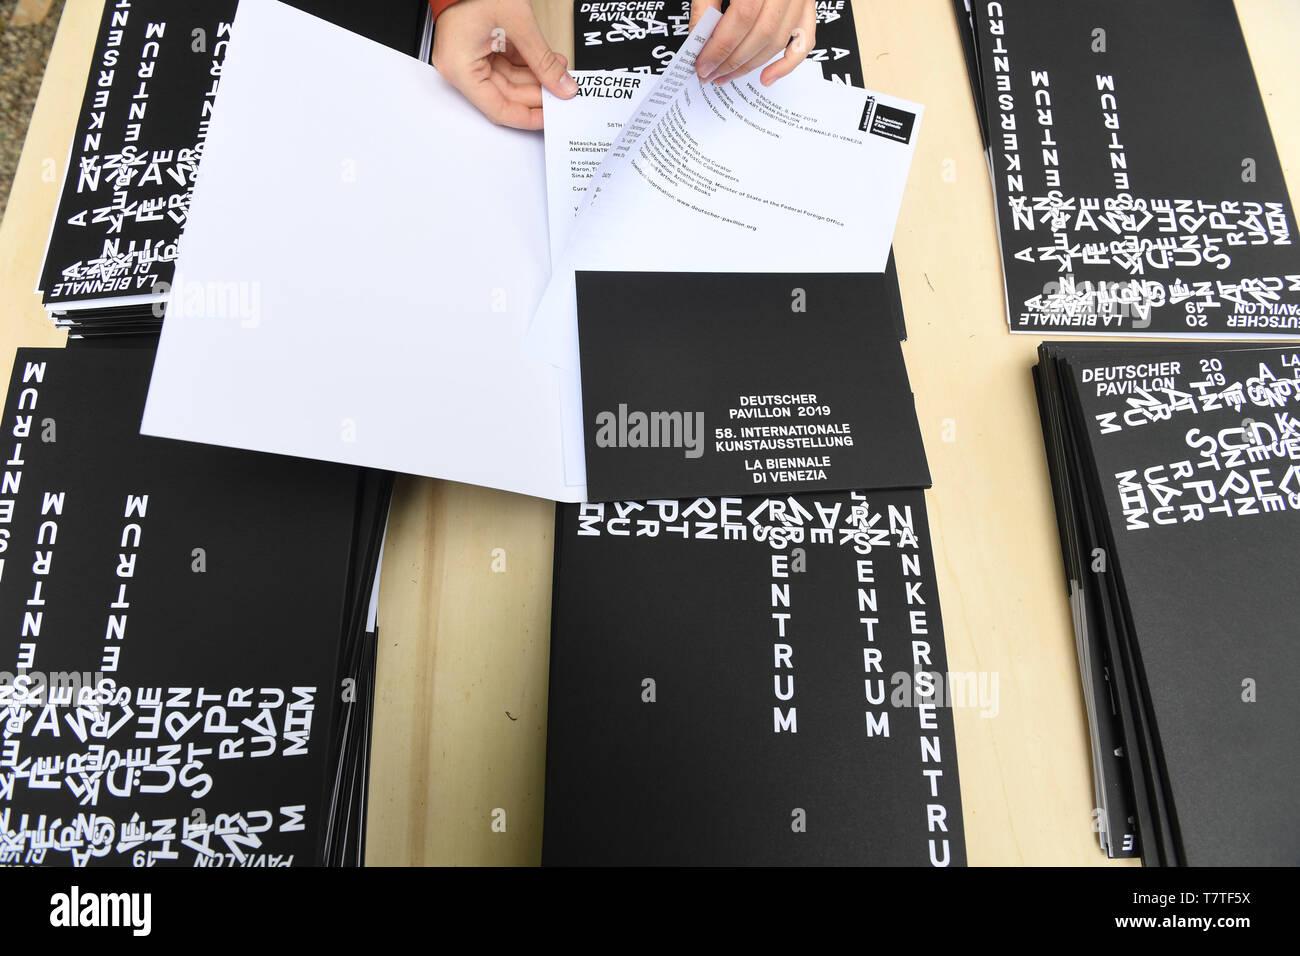 Venice, Italy  08th May, 2019  Press kits on the artist Natascha